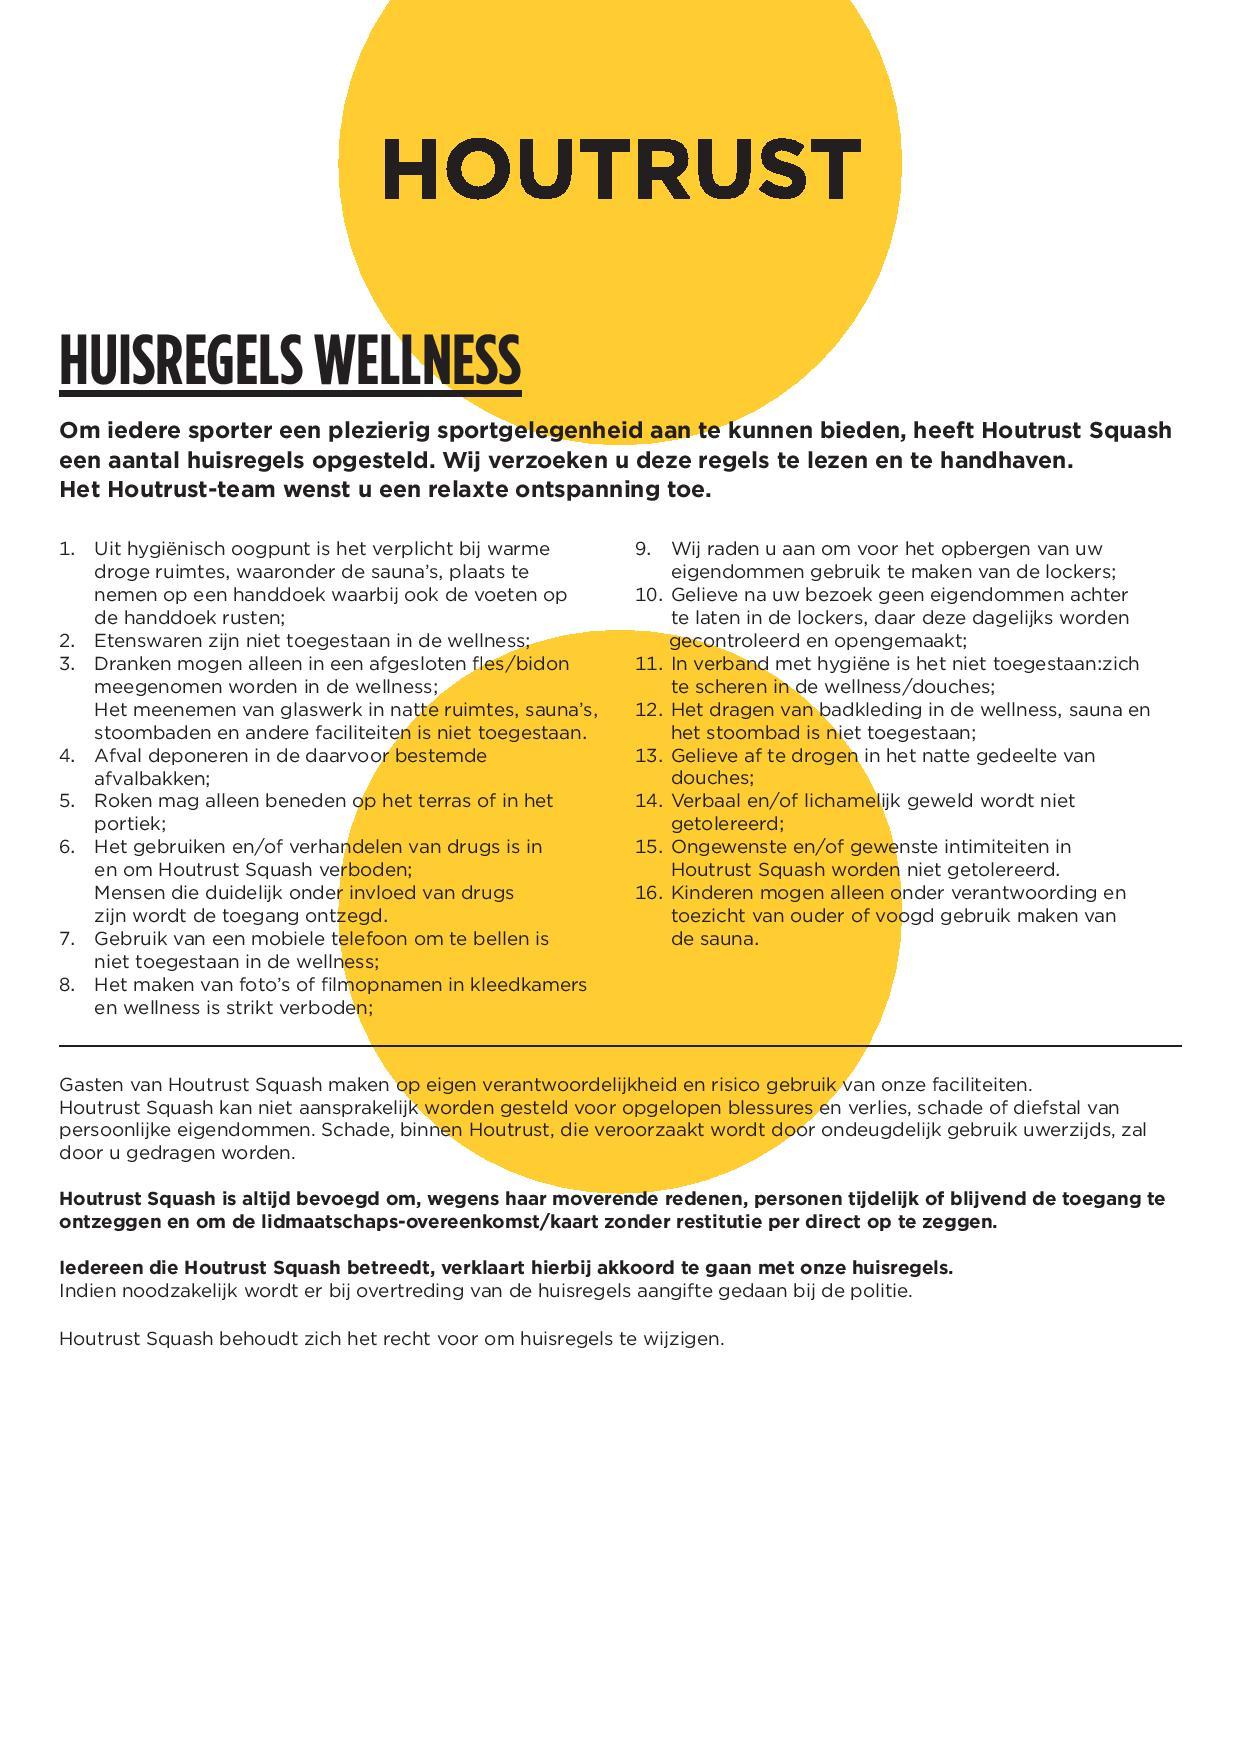 HUISREGLEMENT-WELLNESS-DEC2017-page-001